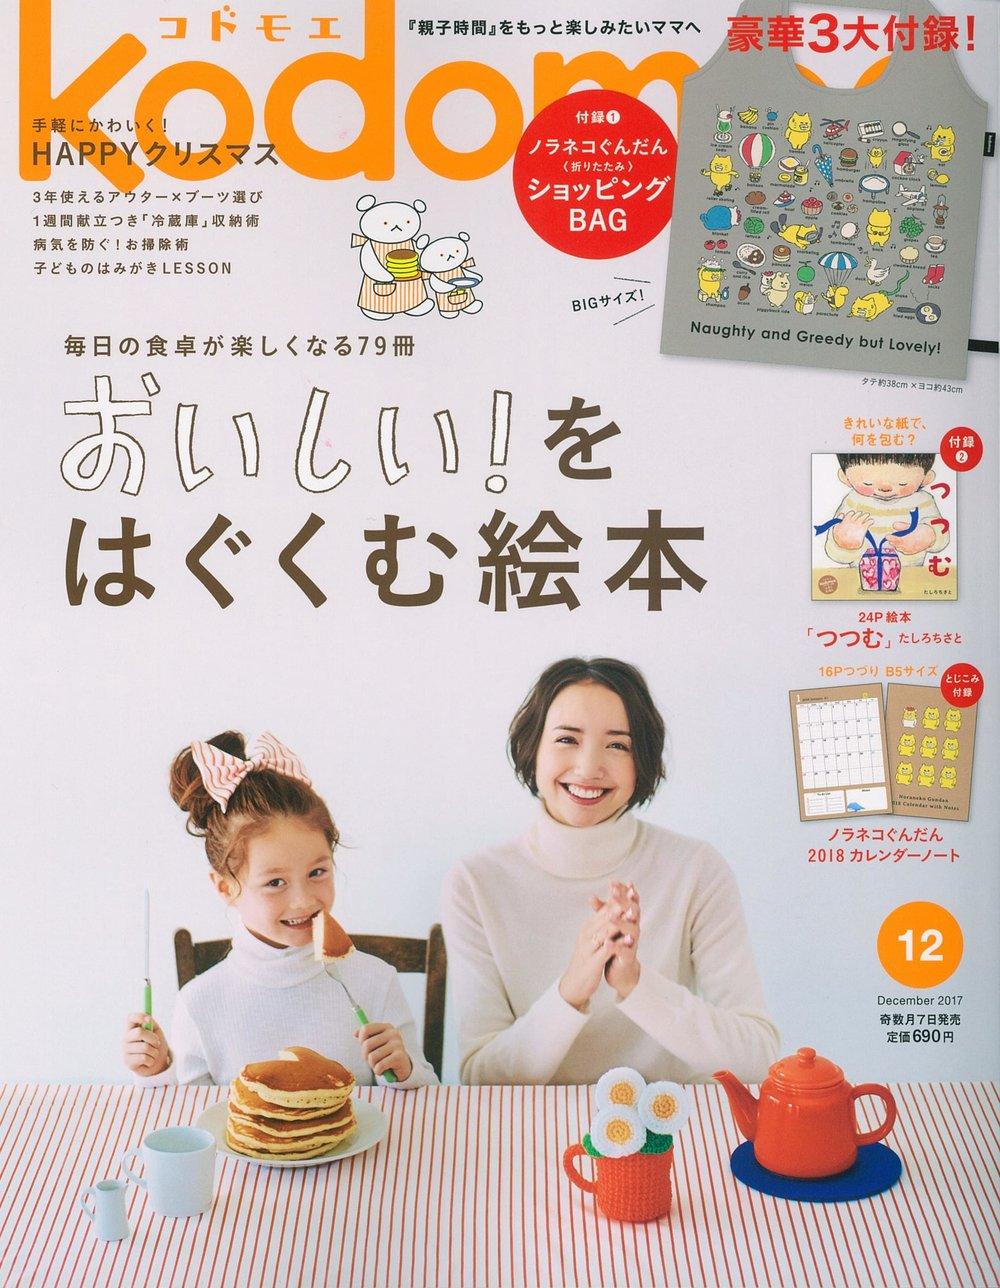 201711-kodomoe-COVER12_01.jpg